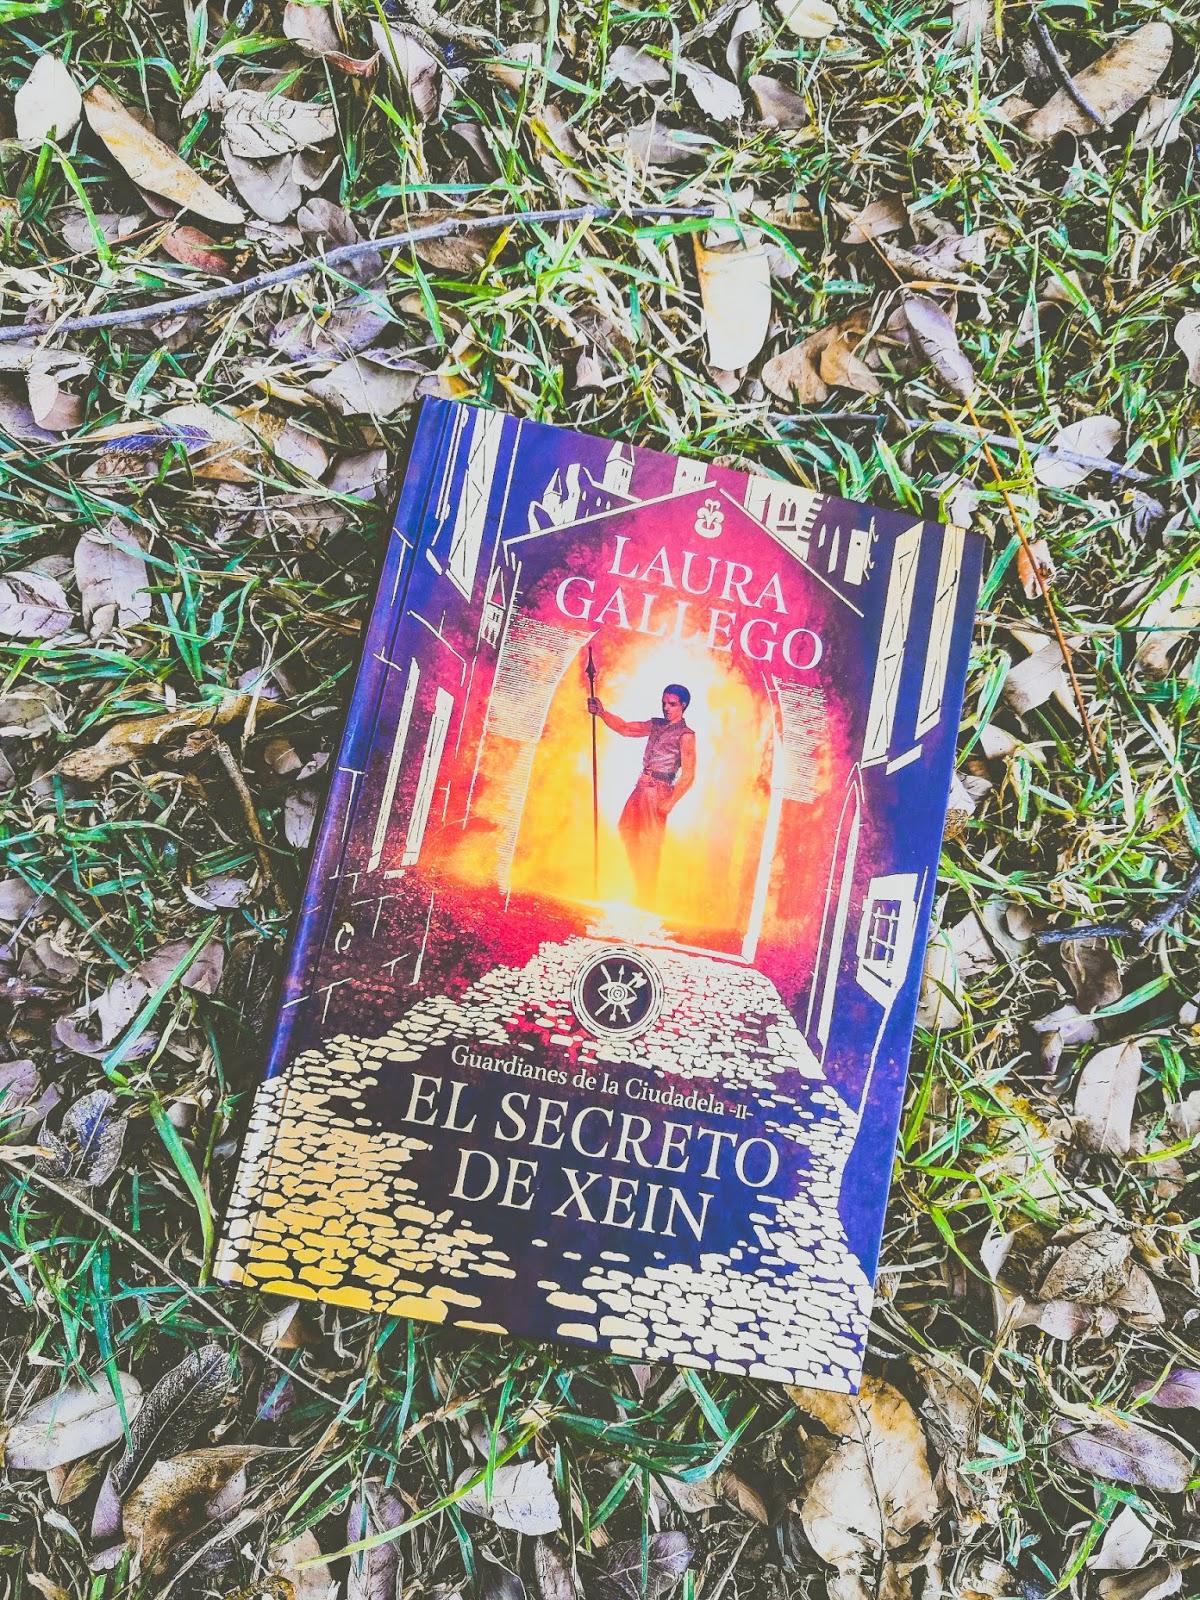 Reseña: Guardianes de la Ciudadela 2: El secreto de Xein - Laura Gallego